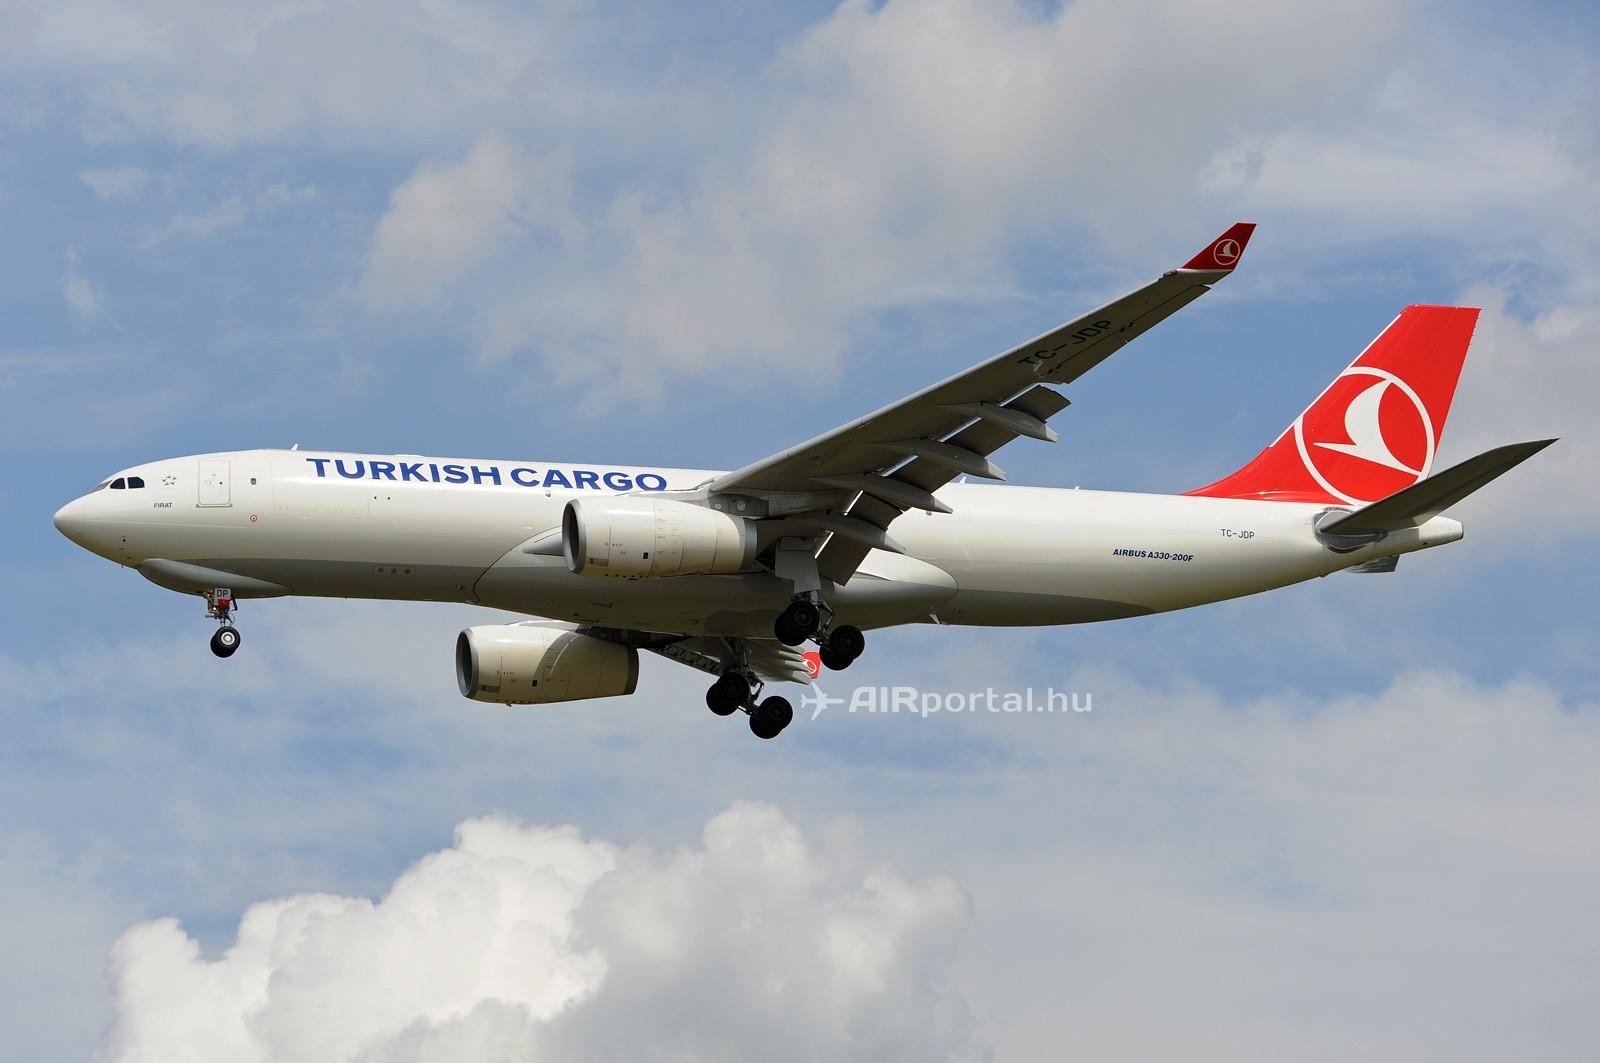 2011. augusztus 13-a, a Turkish Cargo járatával először érkezett Ferihegyre Airbus A330-200F típusú cargogép. (Fotó: Kovács Gábor - AIRportal.hu)   © AIRportal.hu